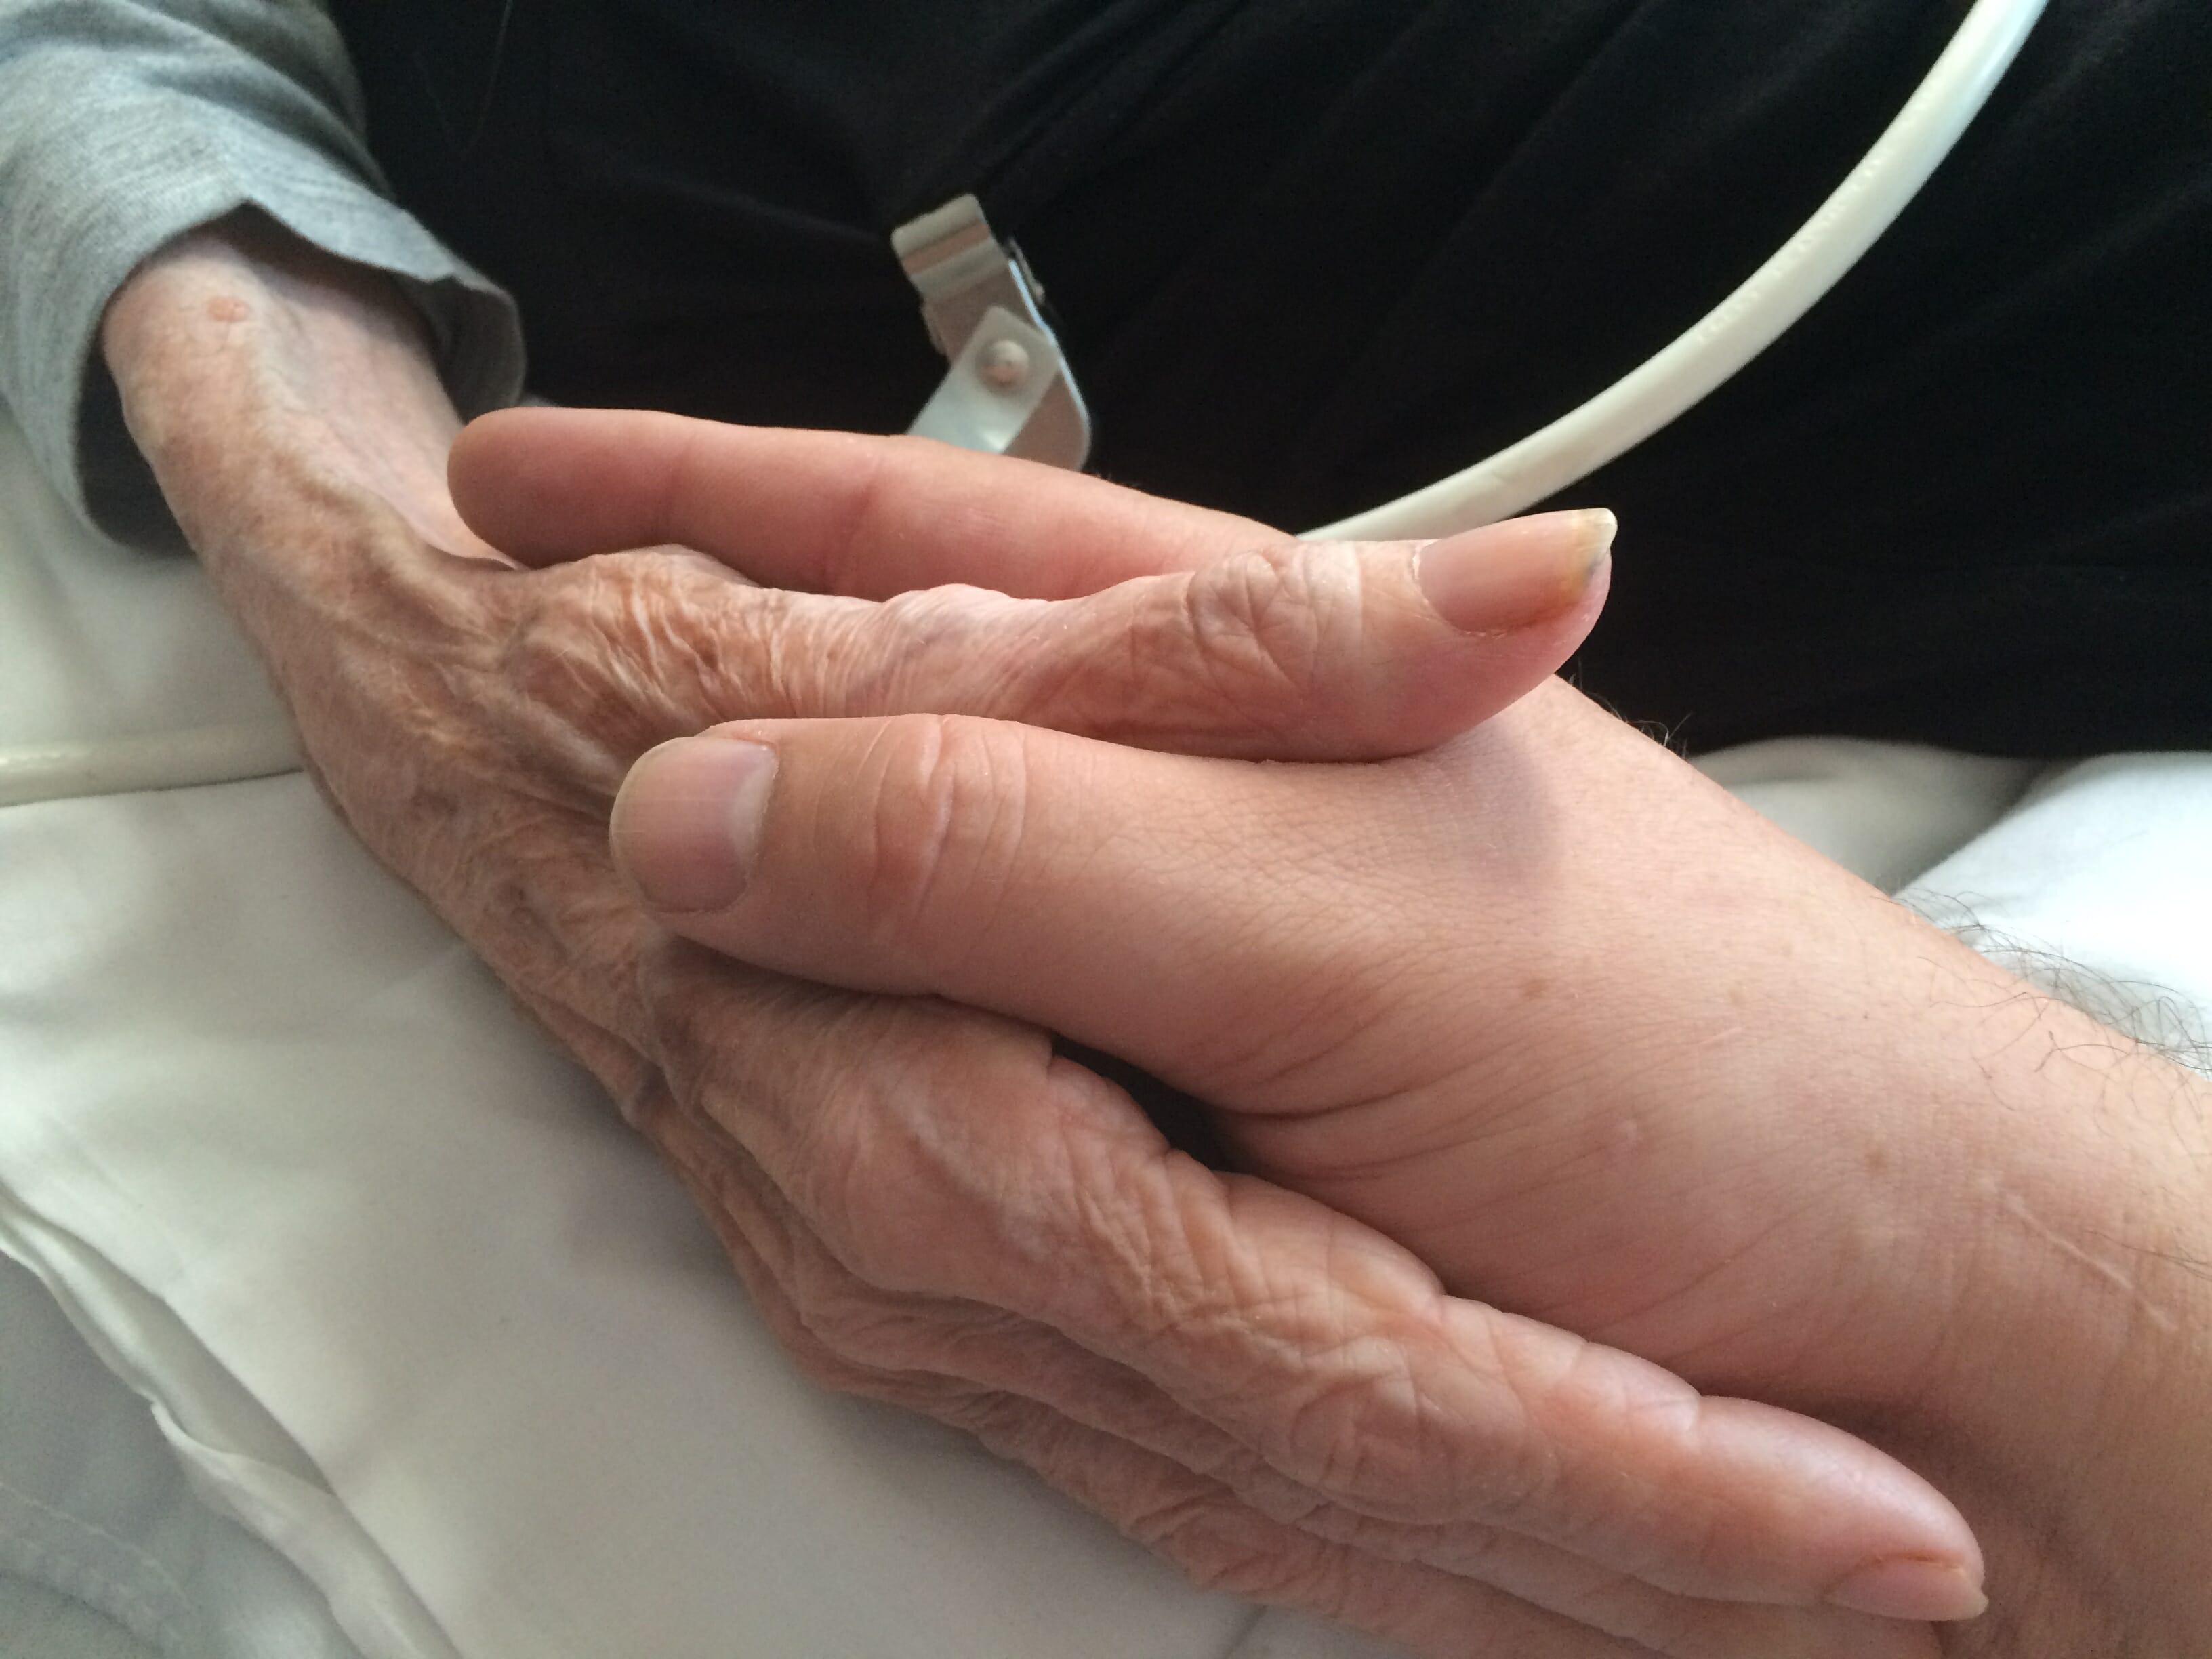 Na zdjęciu znajdują się splecione dłonie starszych ludzi